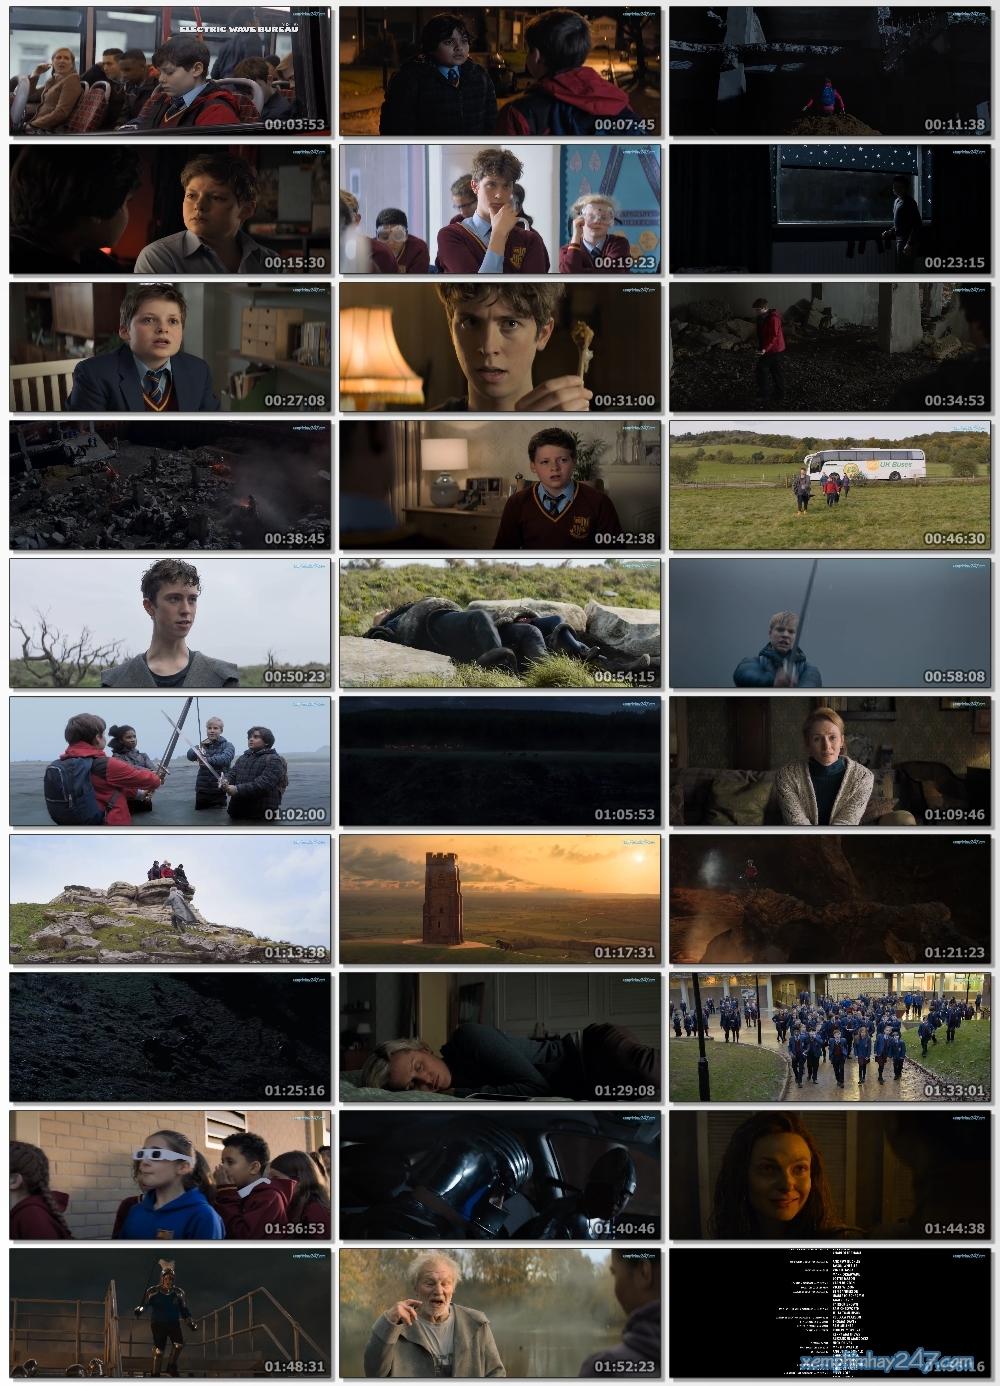 http://xemphimhay247.com - Xem phim hay 247 - Cậu Bé Và Sứ Mệnh Thiên Tử (2019) - The Kid Who Would Be King (2019)